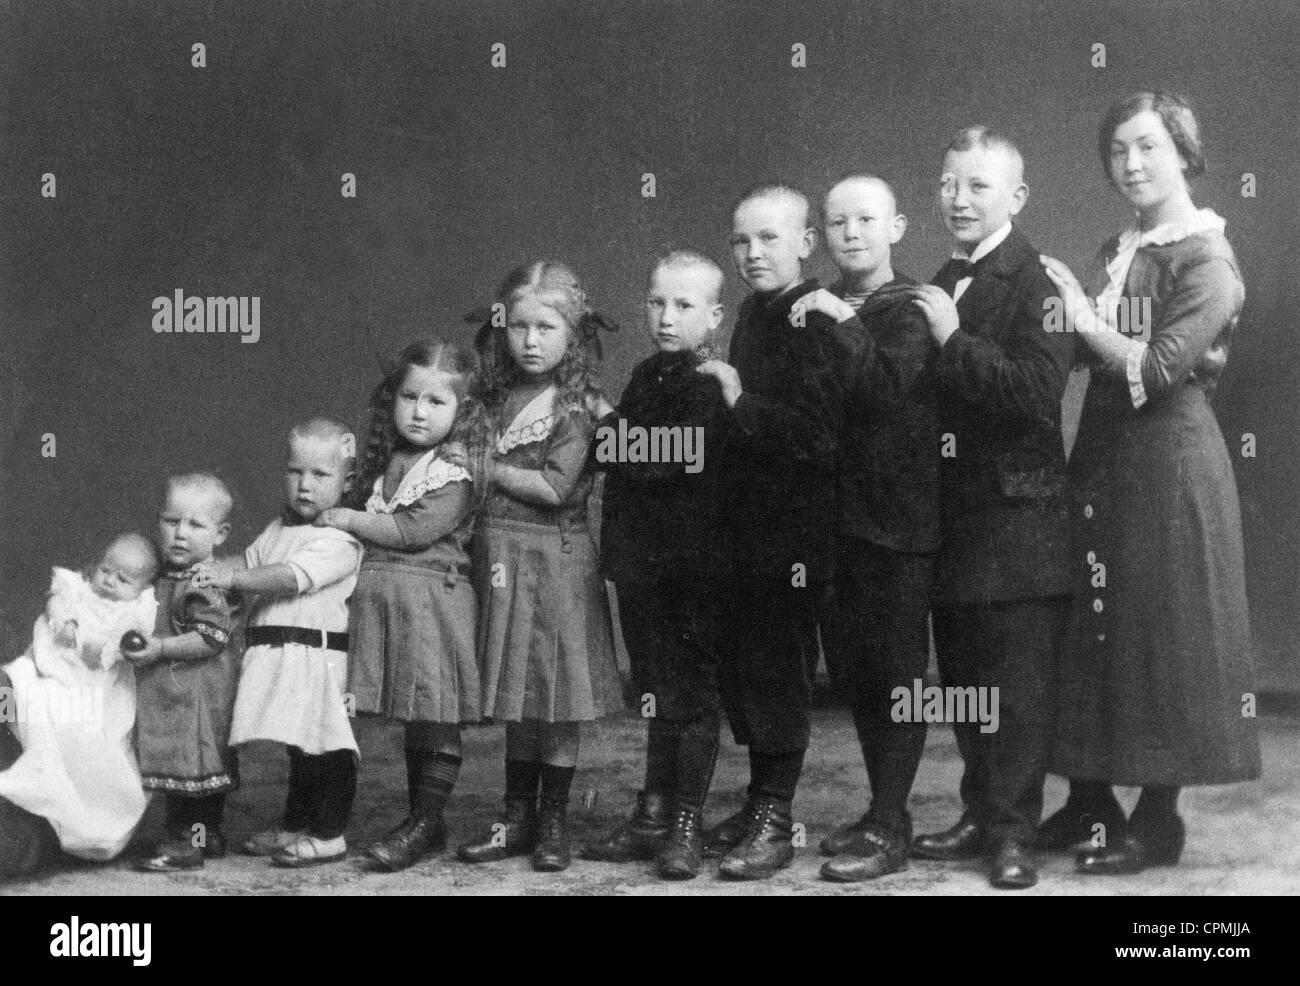 Children, circa 1900